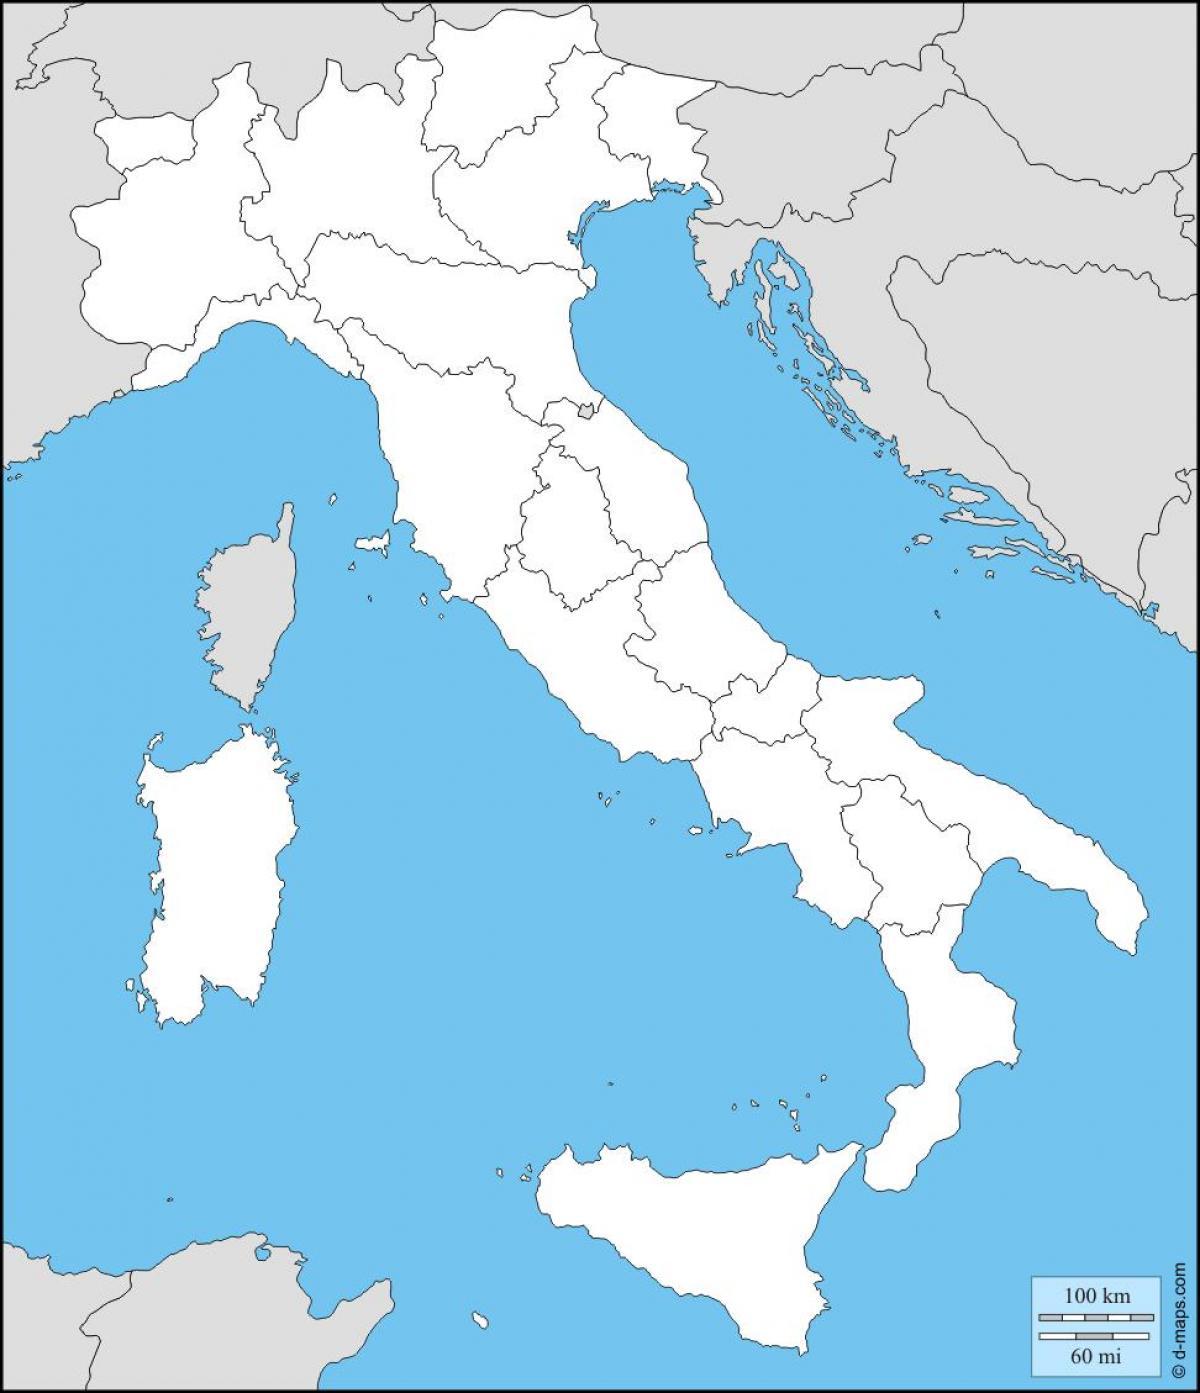 Slepa Mapa Italie Slepa Mapa Italie S Regiony Jizni Evropa